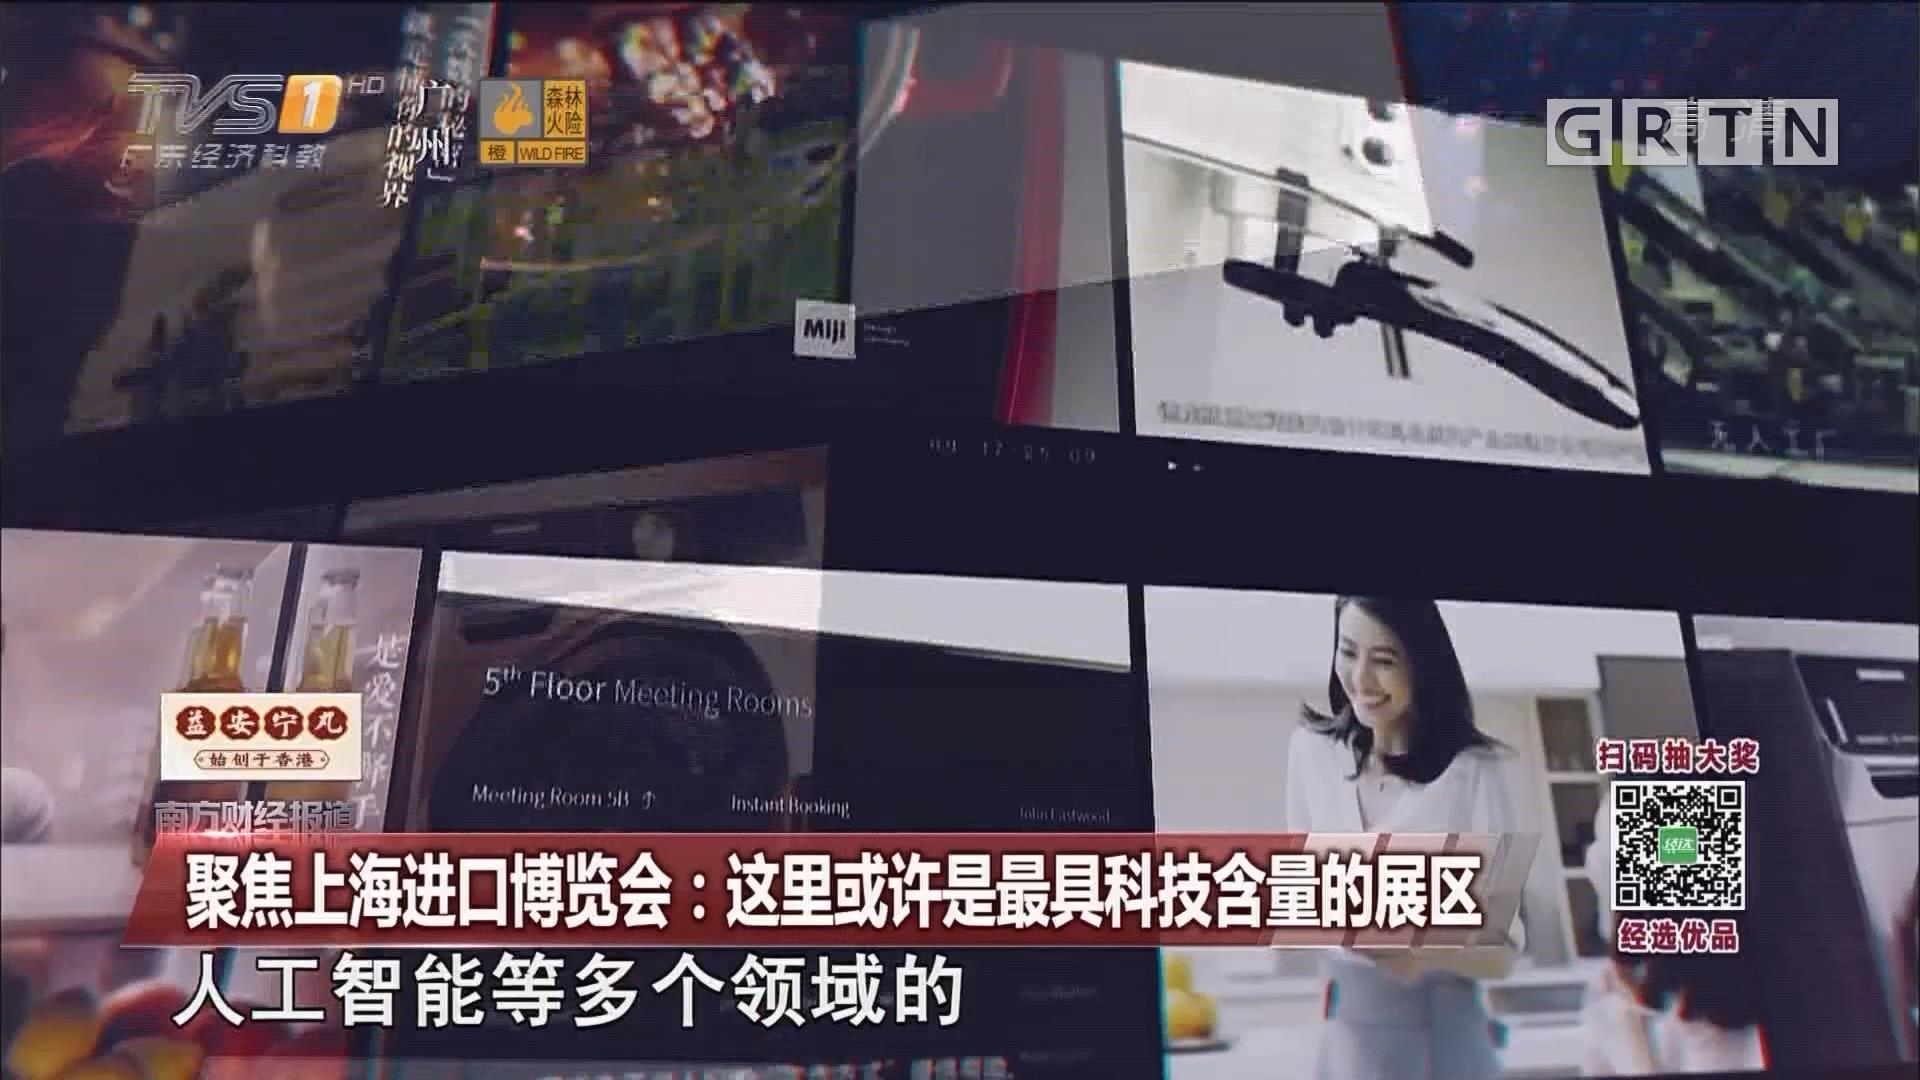 聚焦上海进口博览会:这里或许是最具科技含量的展区